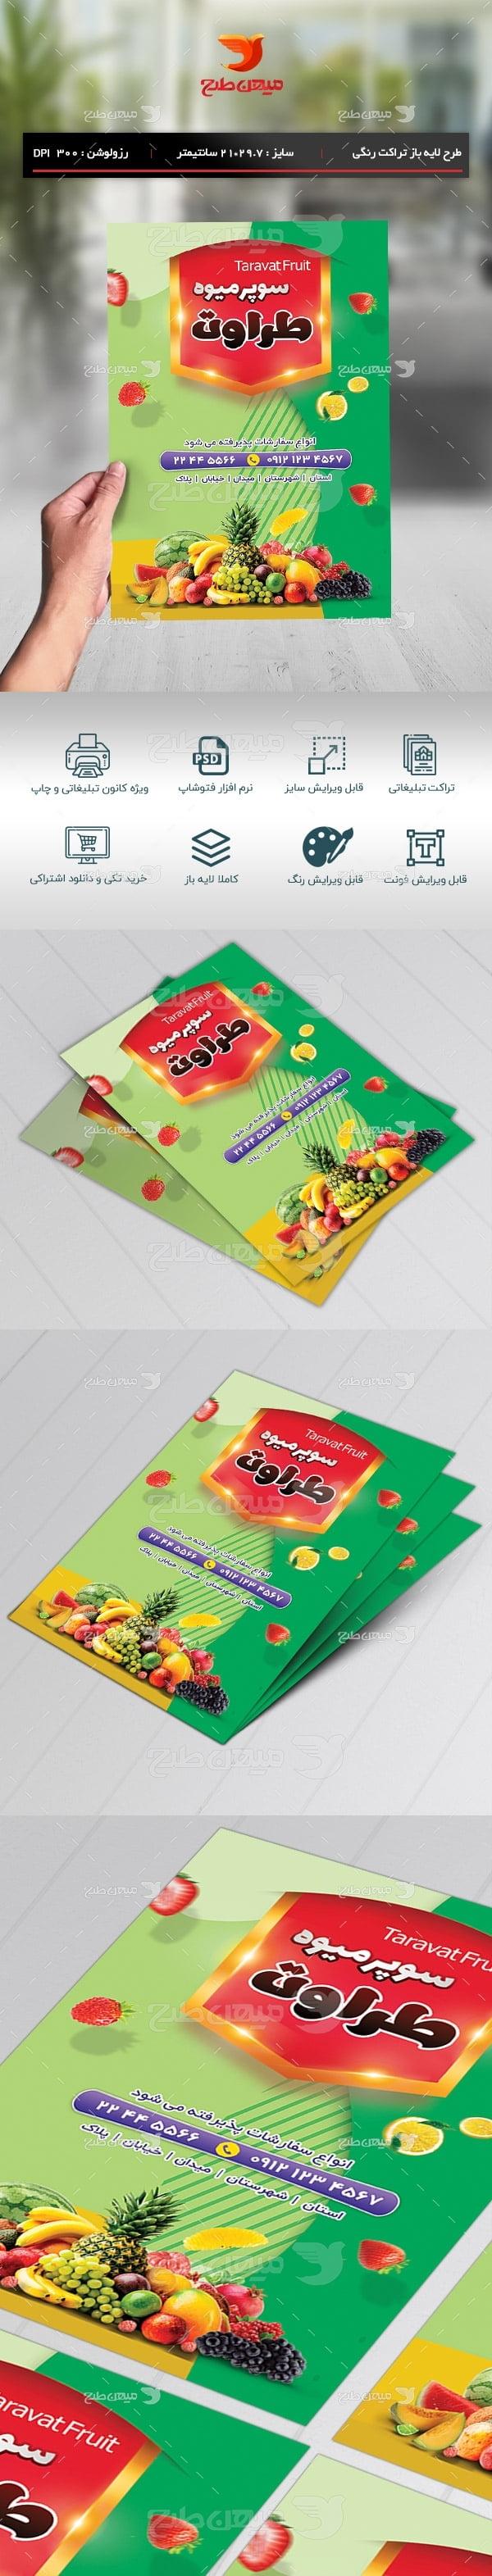 طرح لایه باز تراکت رنگی سوپر میوه